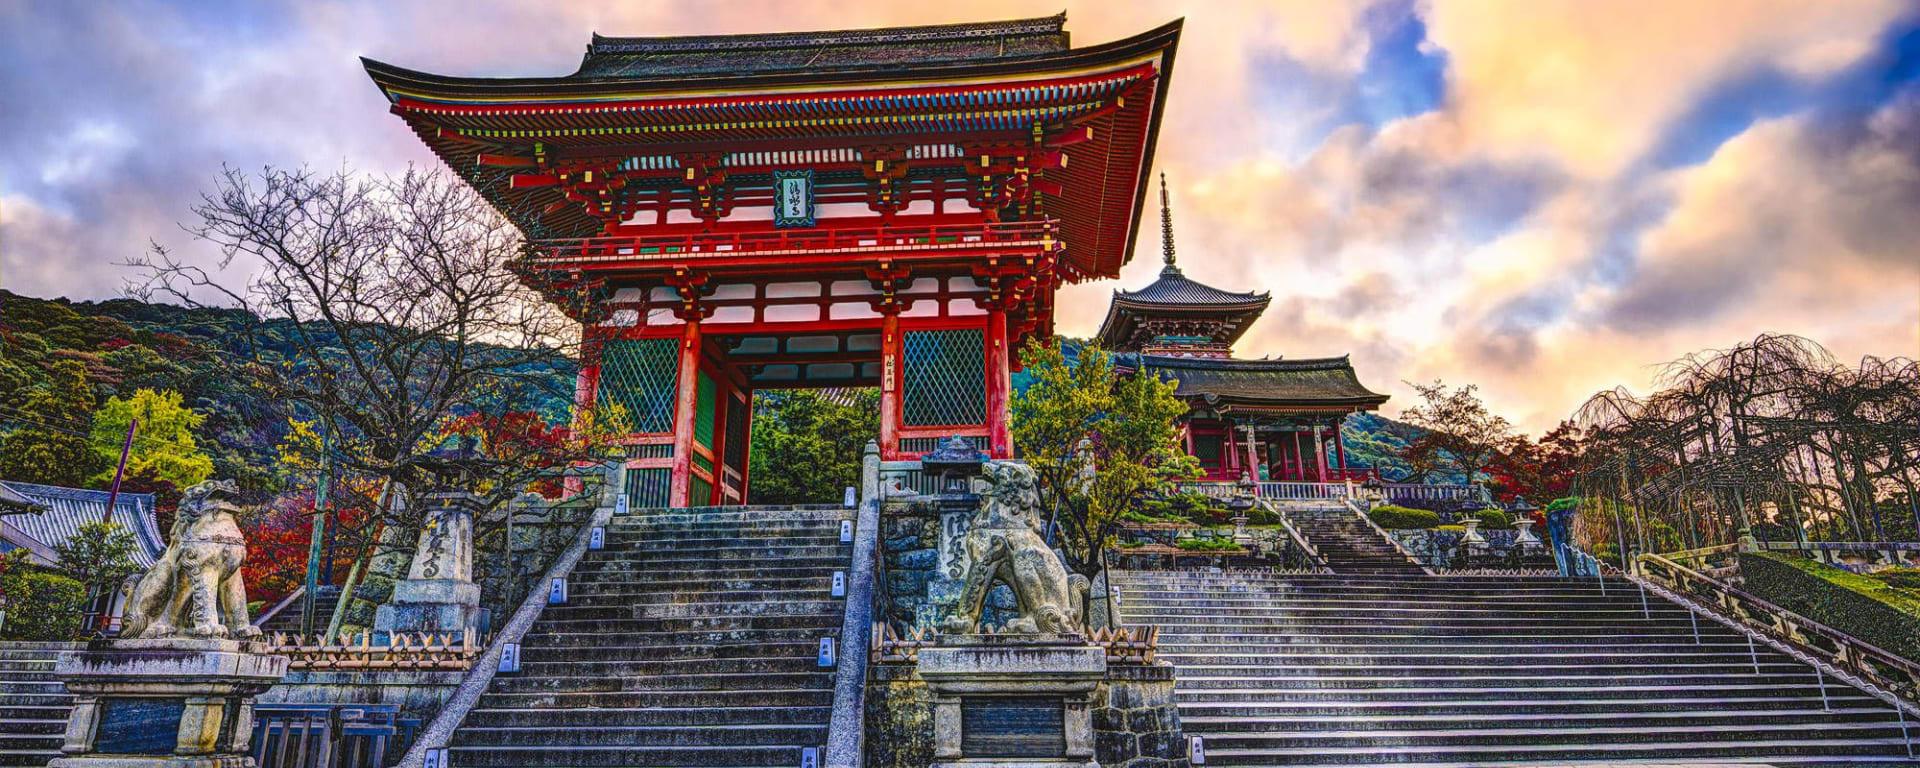 Kyoto Highlights - Ganzer Tag: Kyoto Kiyomizu-dera Temple Gate